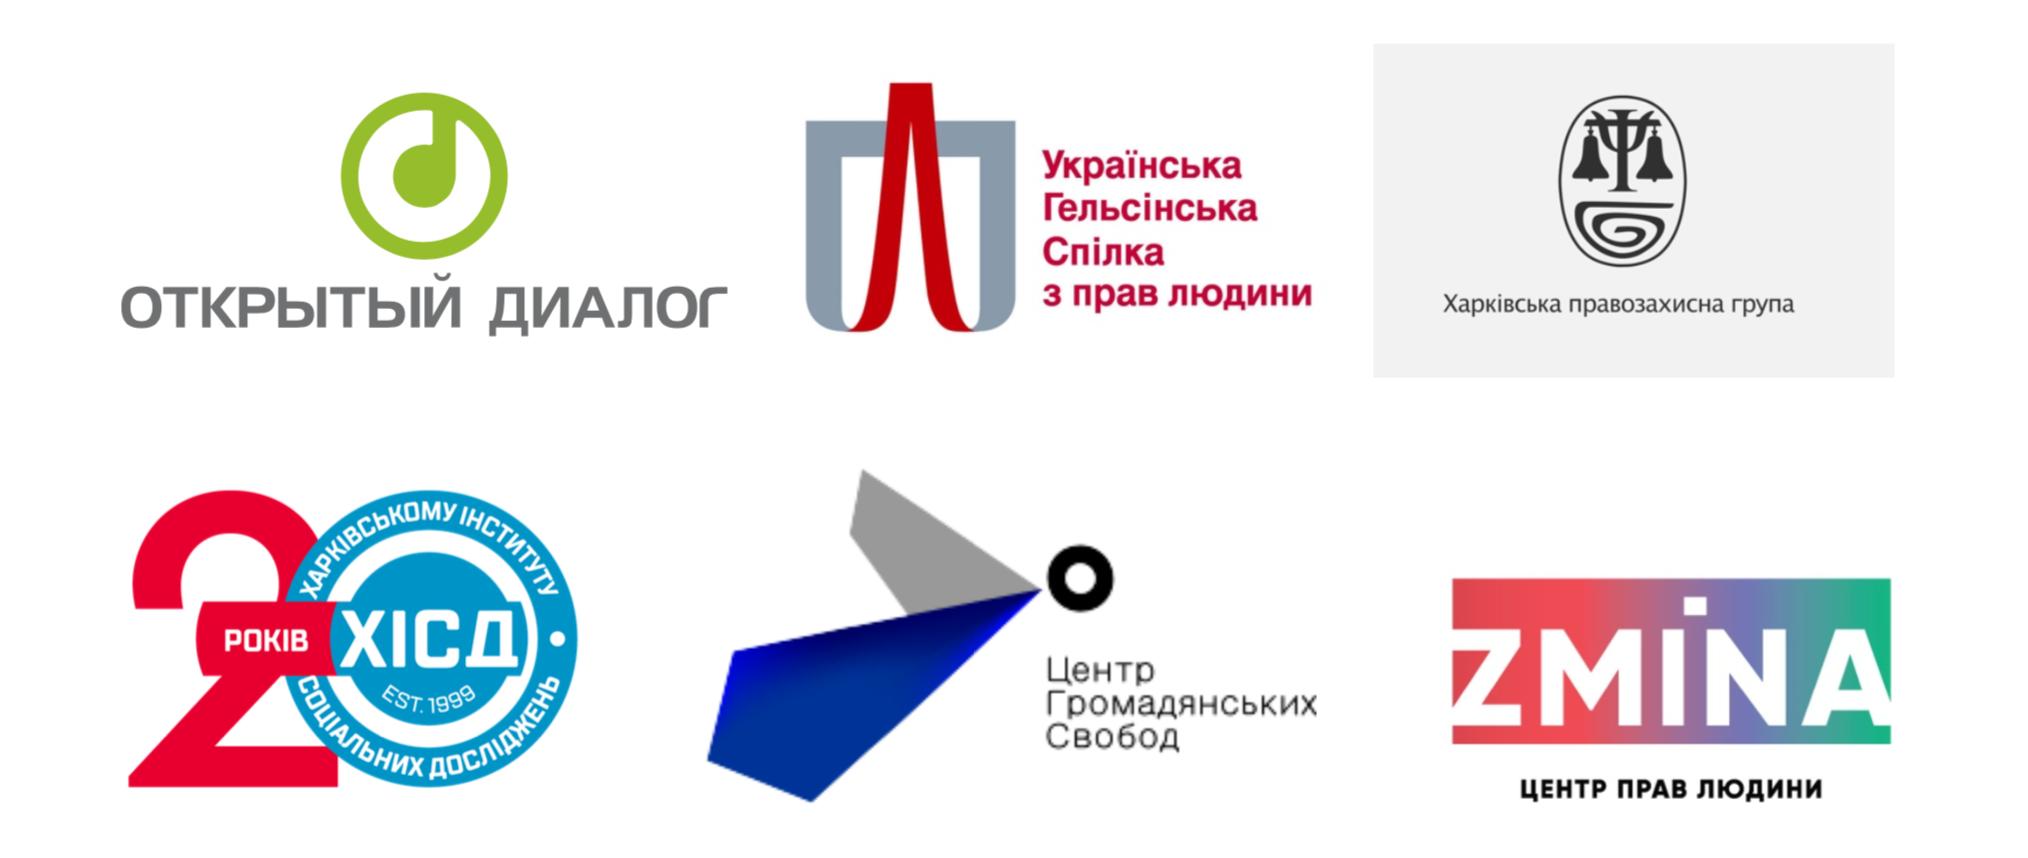 Заявление украинских правозащитников по делу Жанары Ахметовой